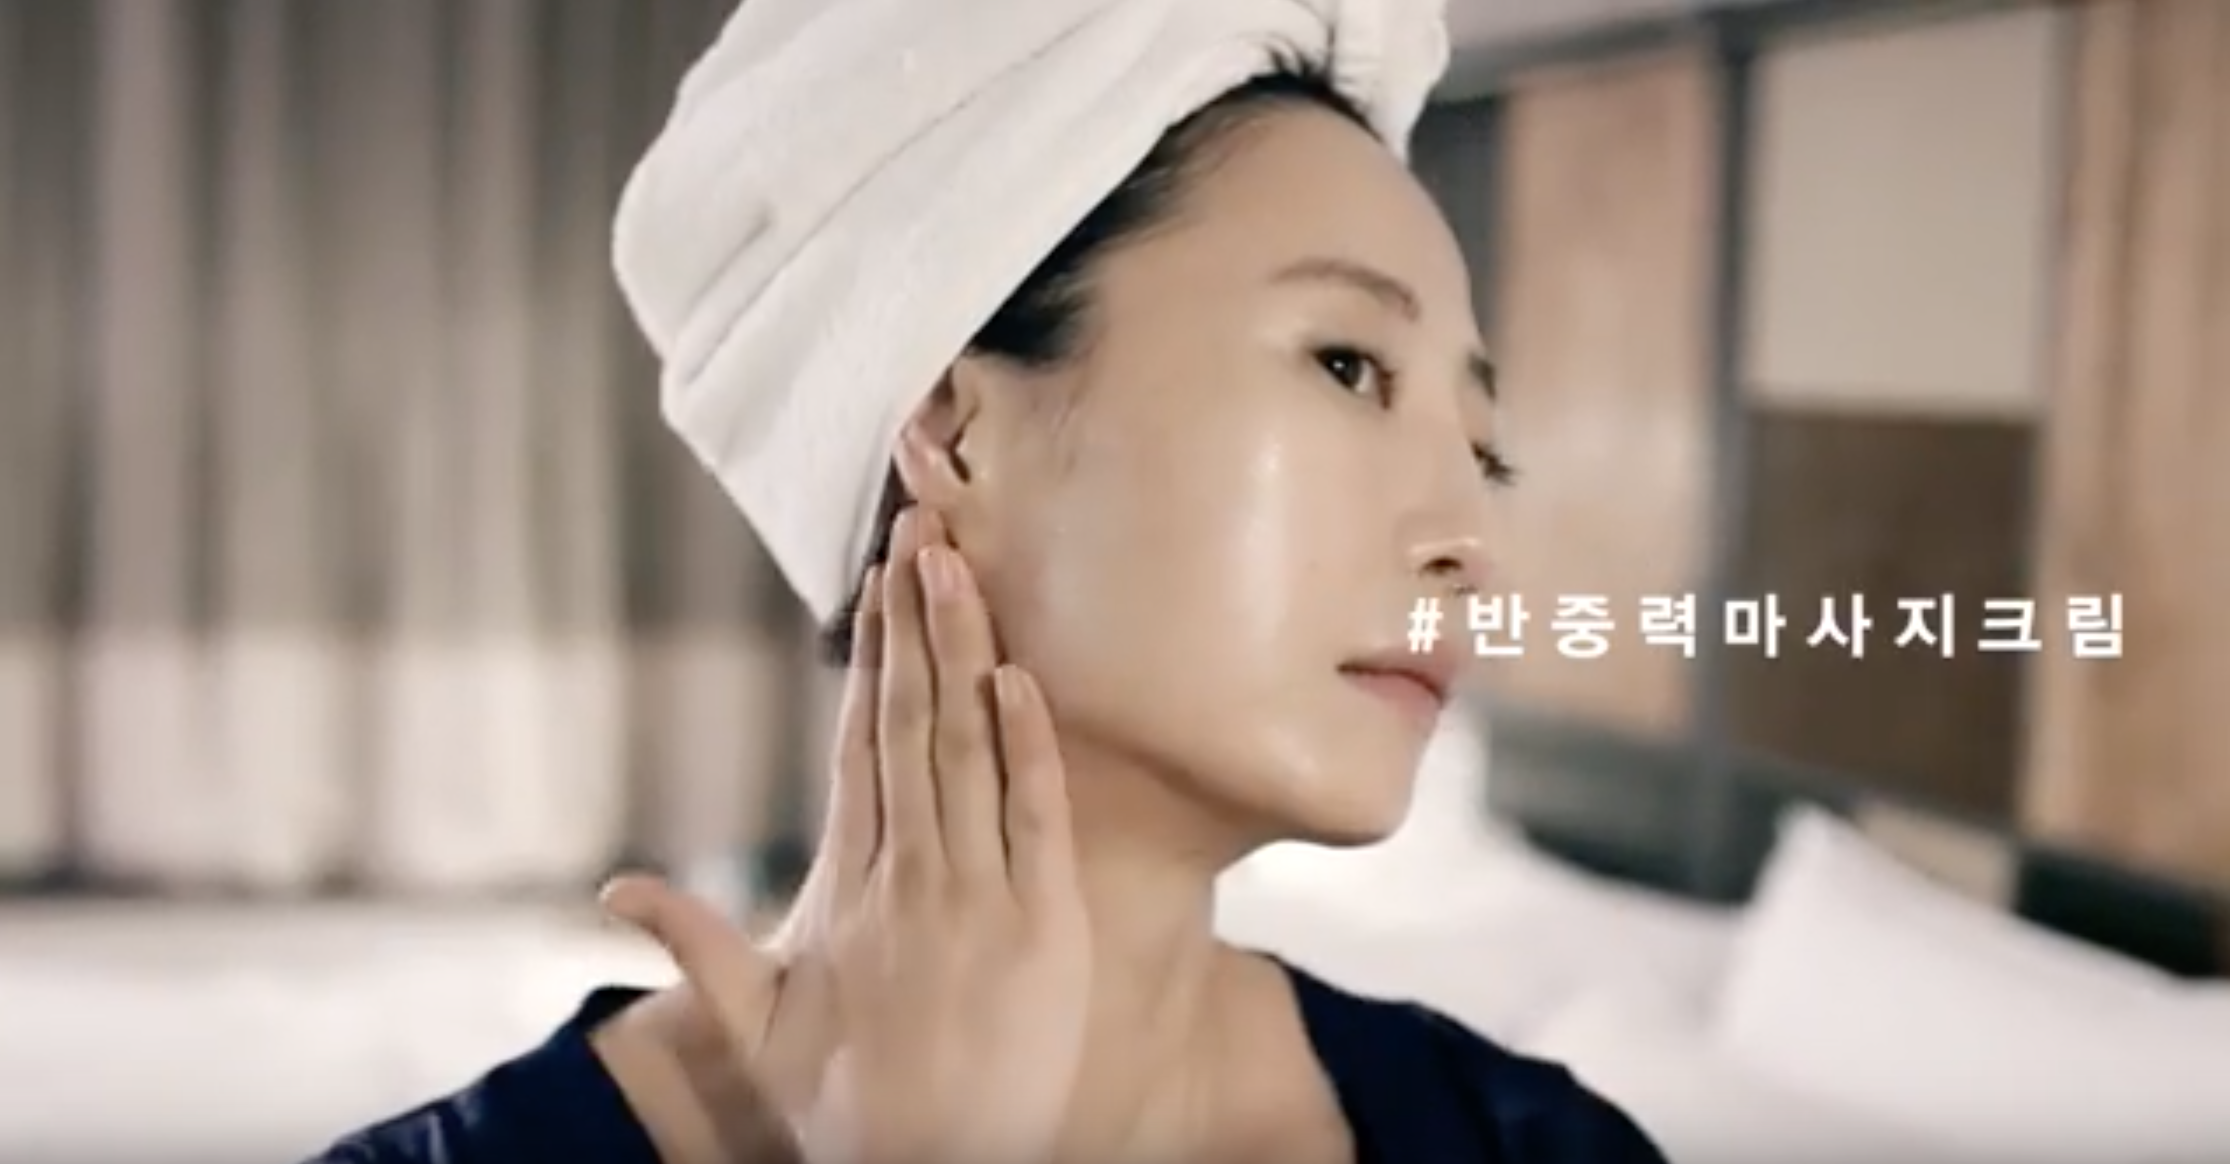 탄력있는 피부, 아름다운 목선, 균형잡힌 보디 라인을 가진 무용가 김윤아의 일상 포착